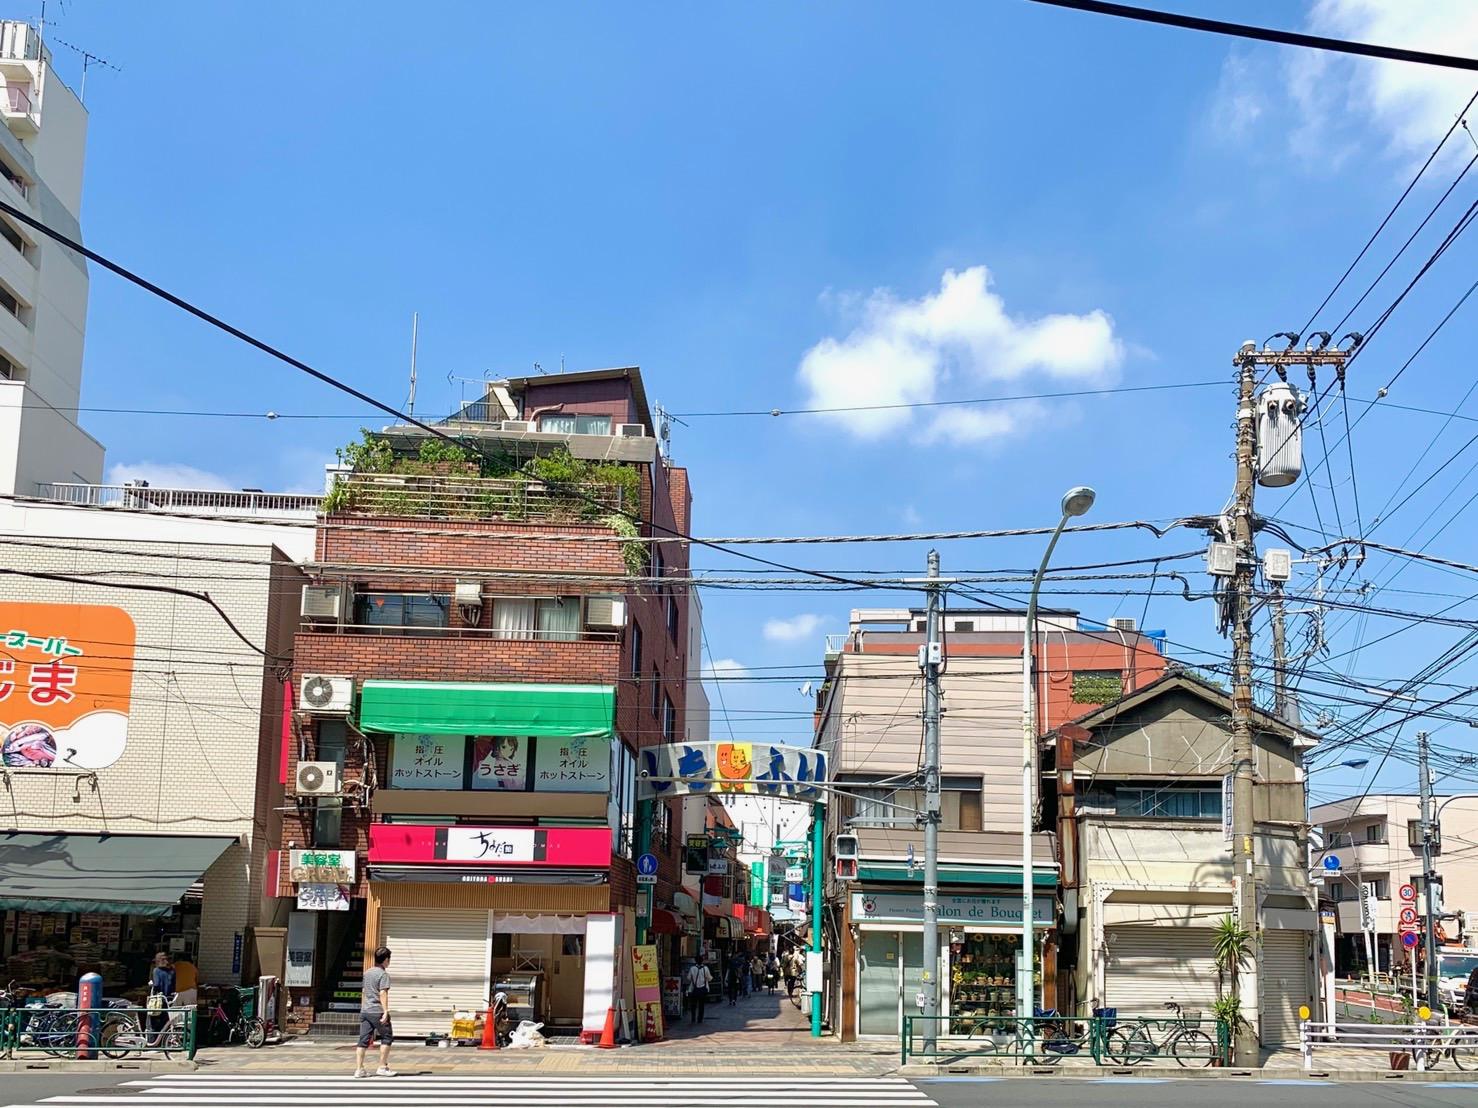 昭和を感じる飲食店やカフェなどが並ぶ商店街です。